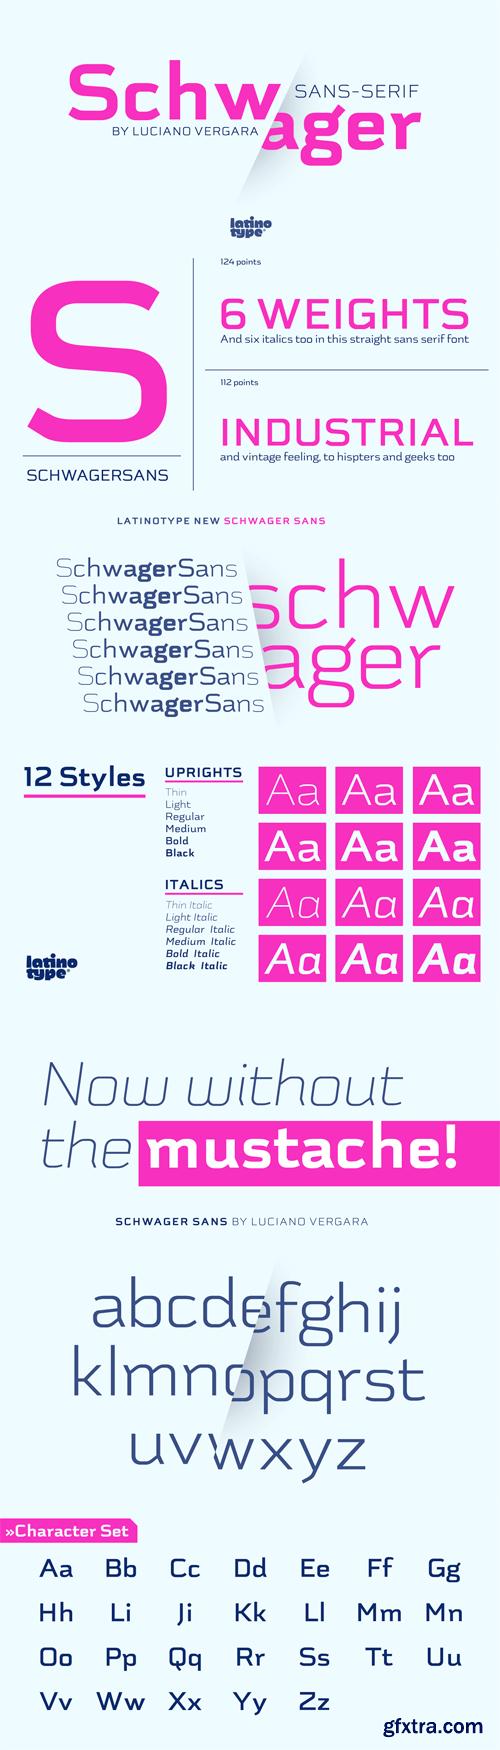 Schwager Sans Font Family - 12 Fonts for $149